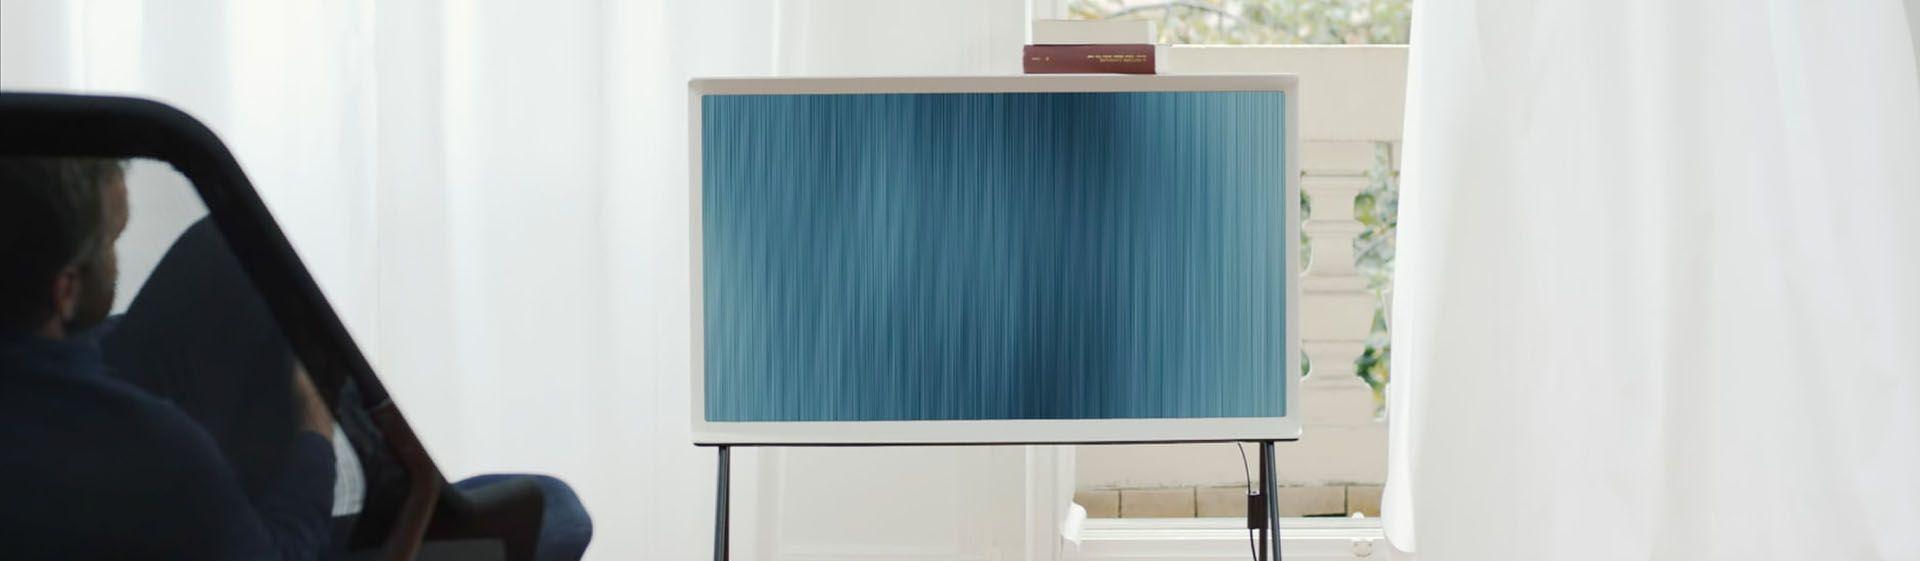 TV Samsung 'The Serif': conheça a TV com design diferenciado da marca